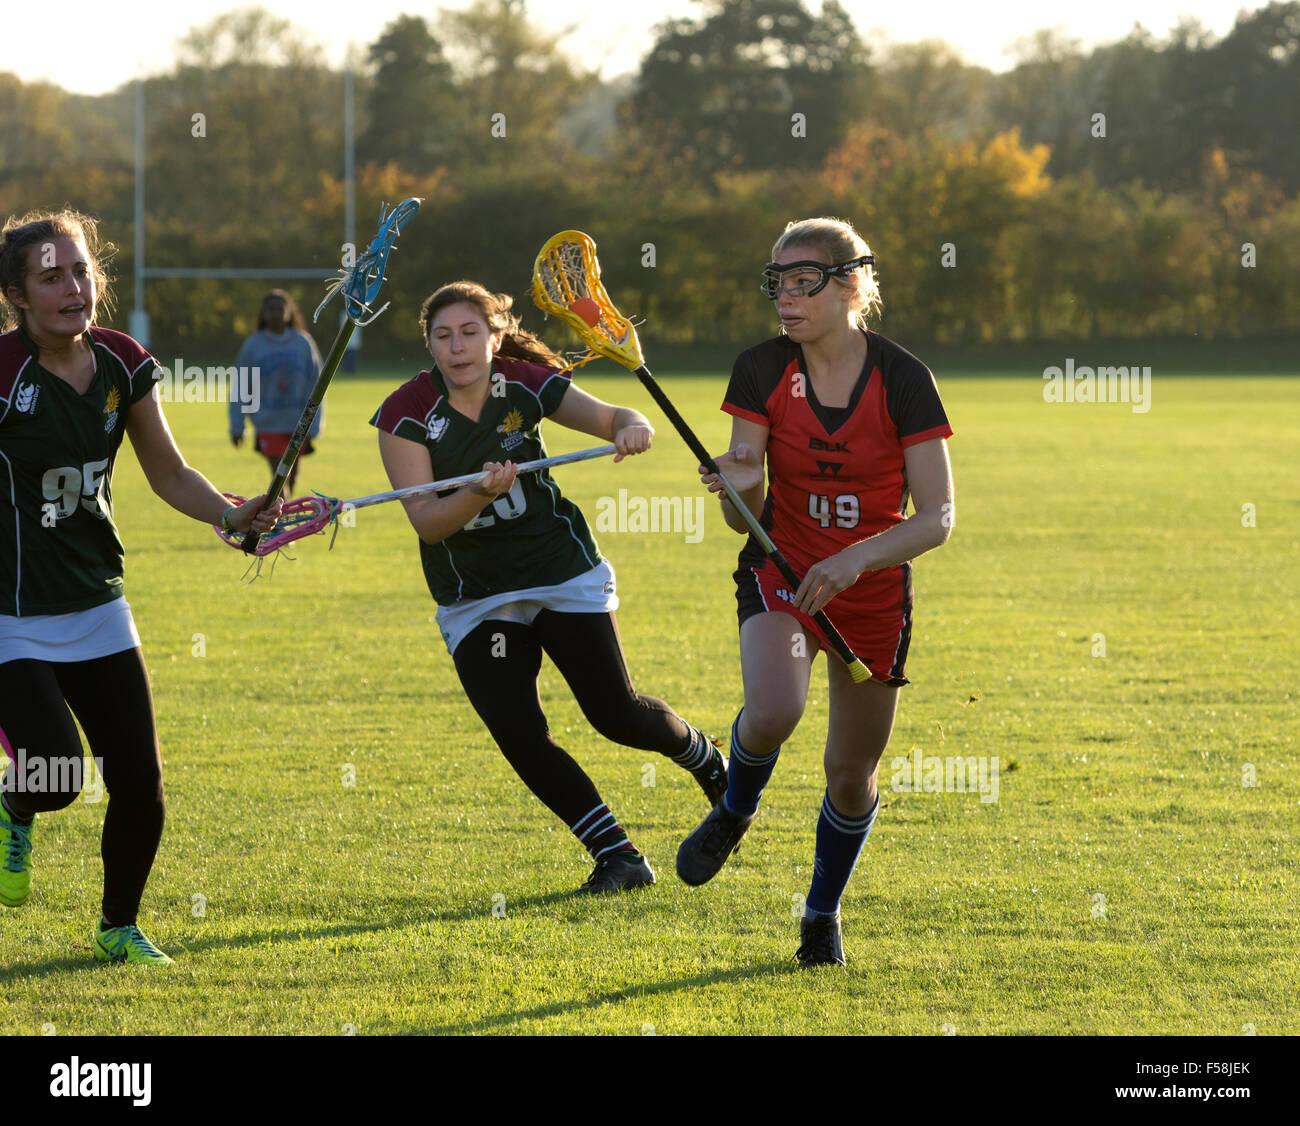 Le sport universitaire - mesdames lacrosse à l'Université de Warwick, Royaume-Uni Photo Stock